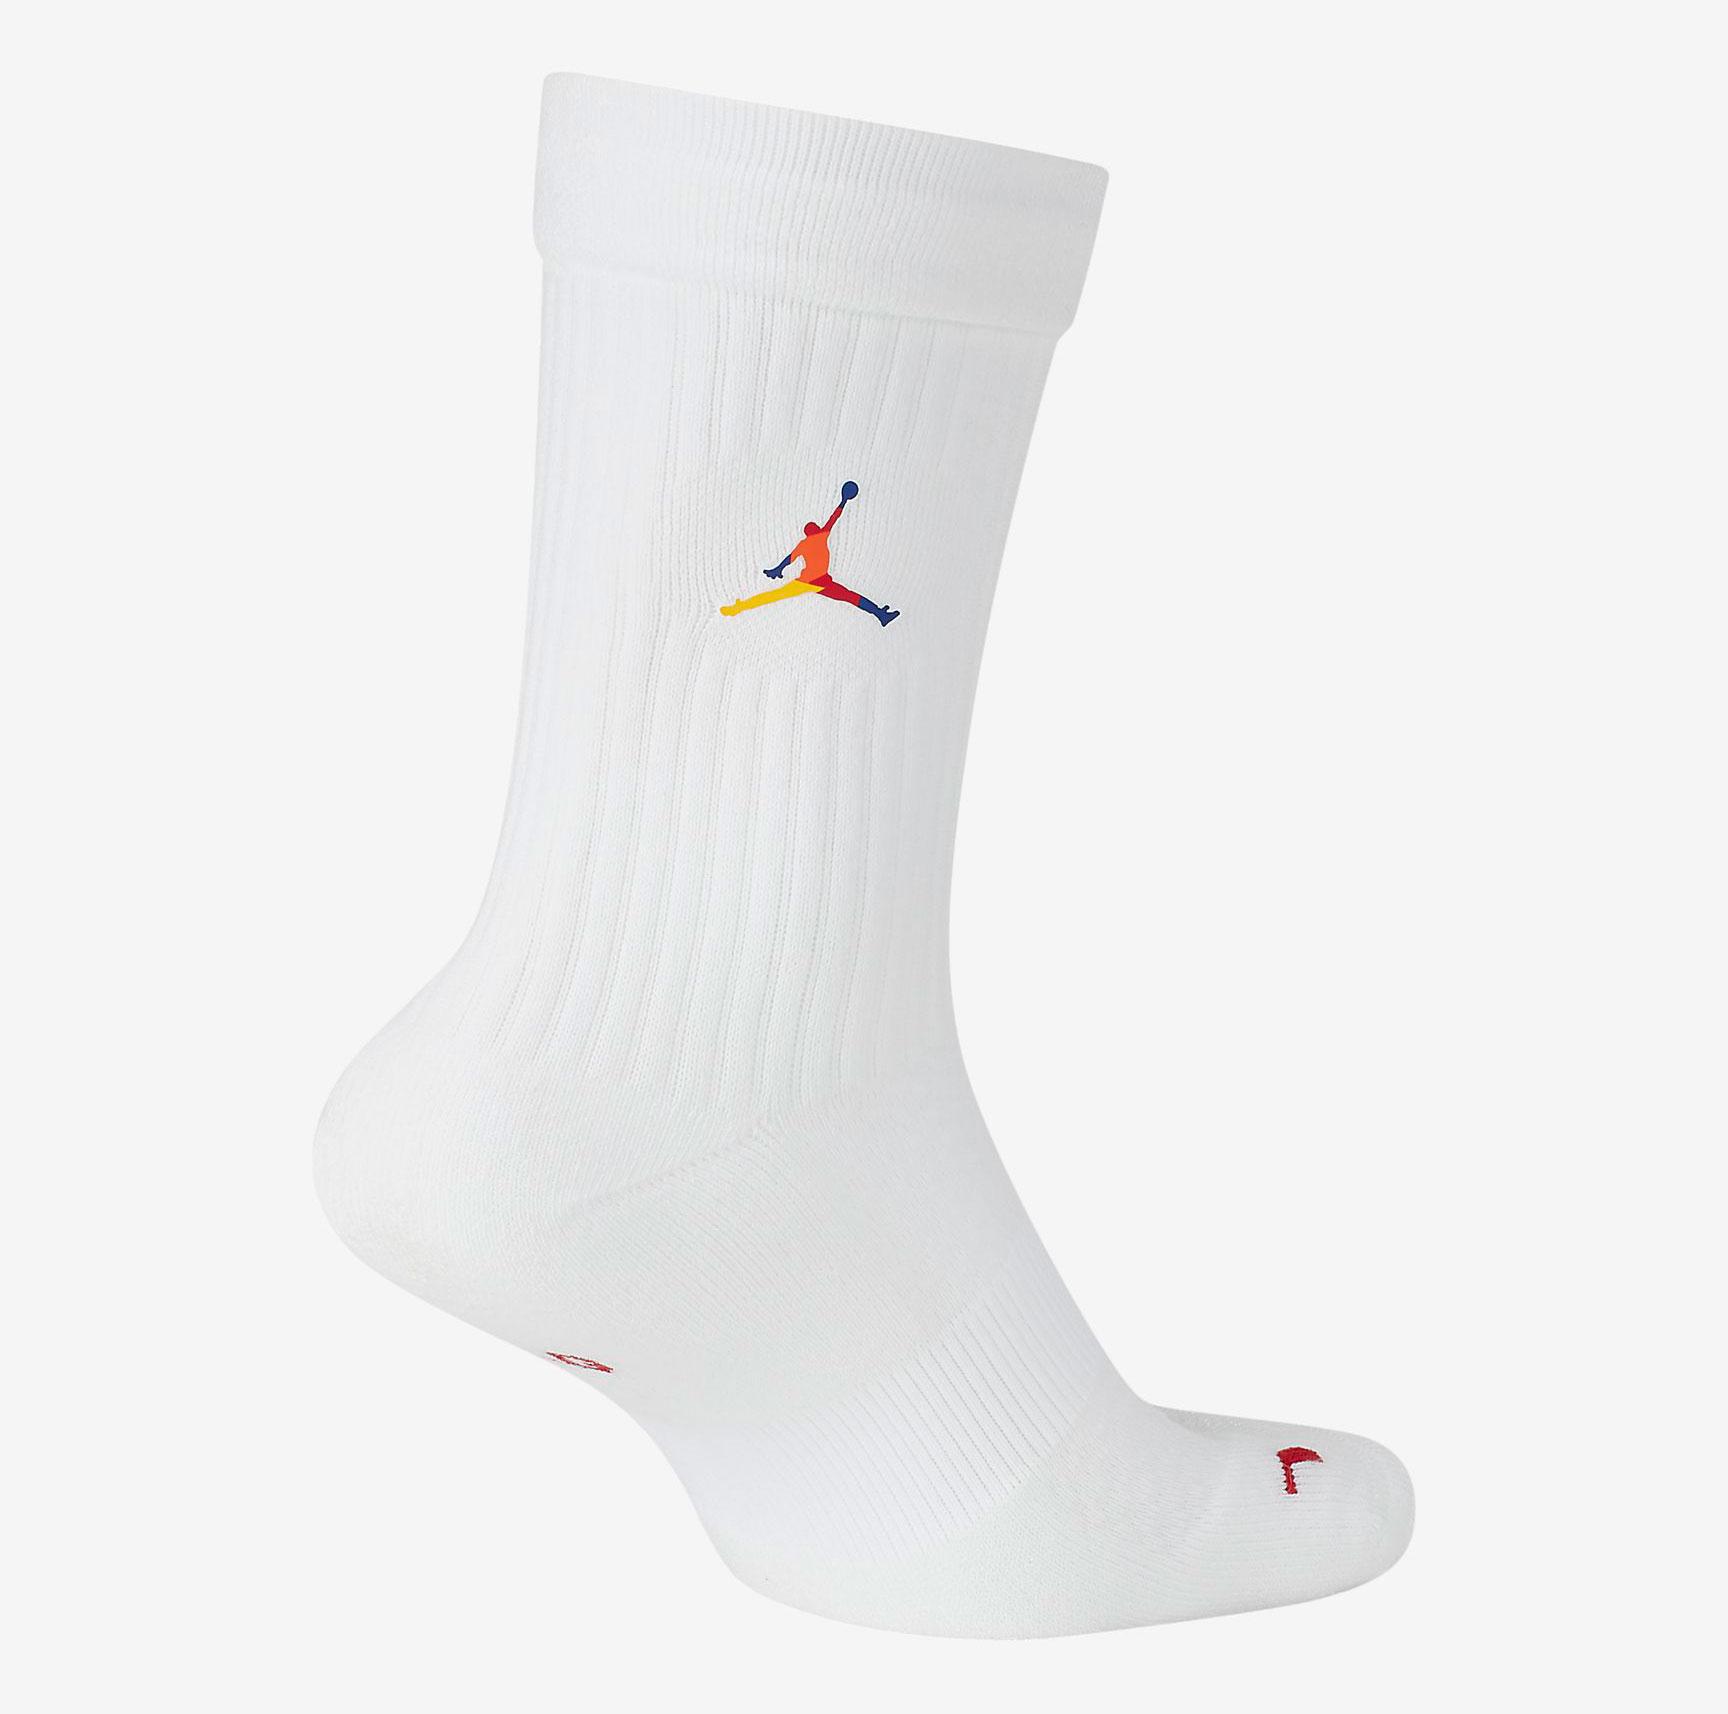 jordan-rivals-socks-2